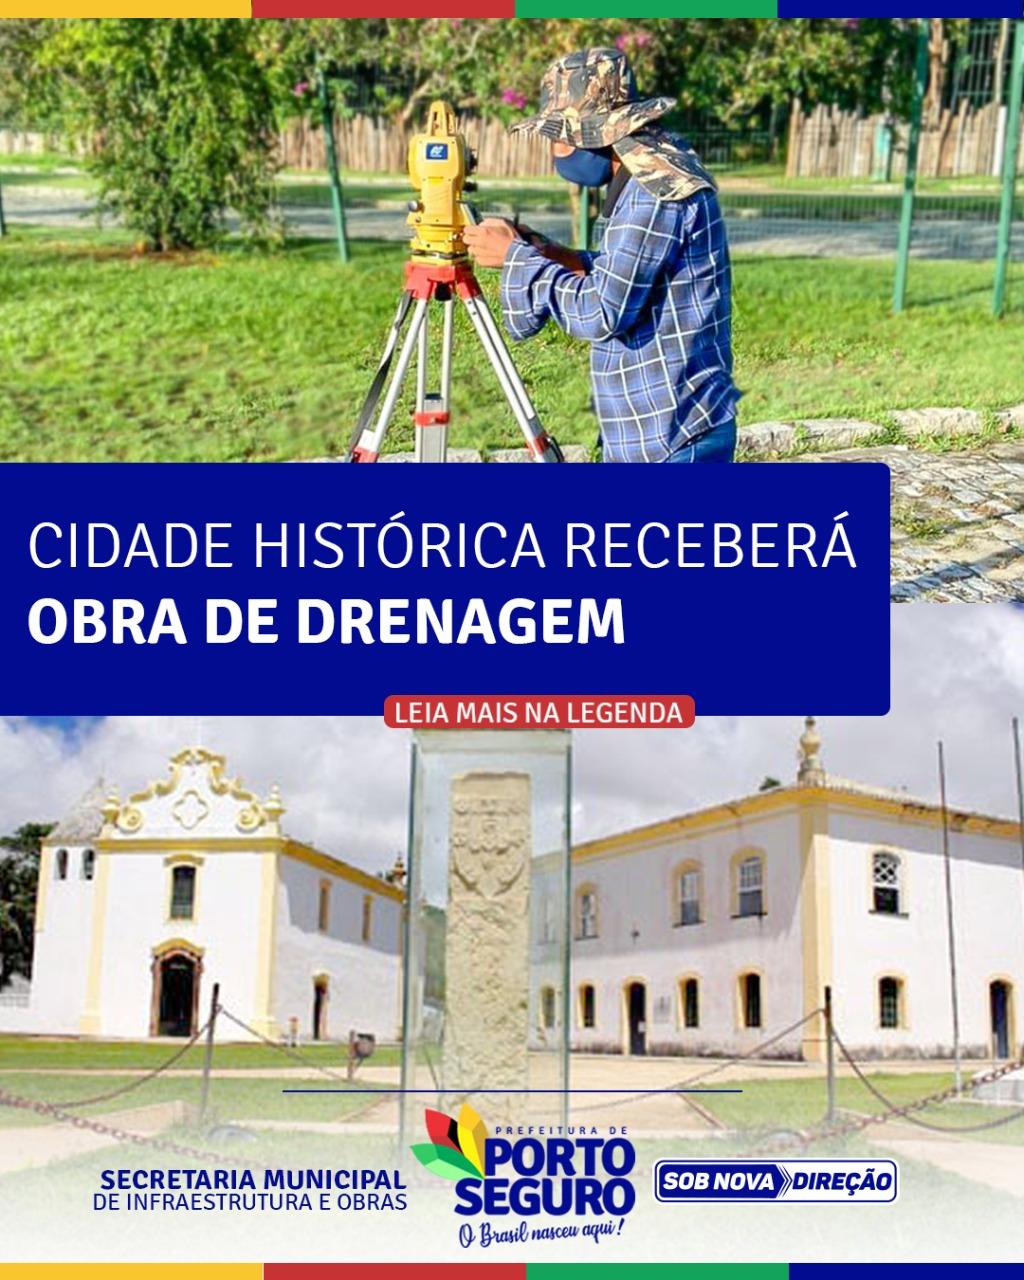 Porto Seguro: Cidade Histórica Receberá Obra de Drenagem 23